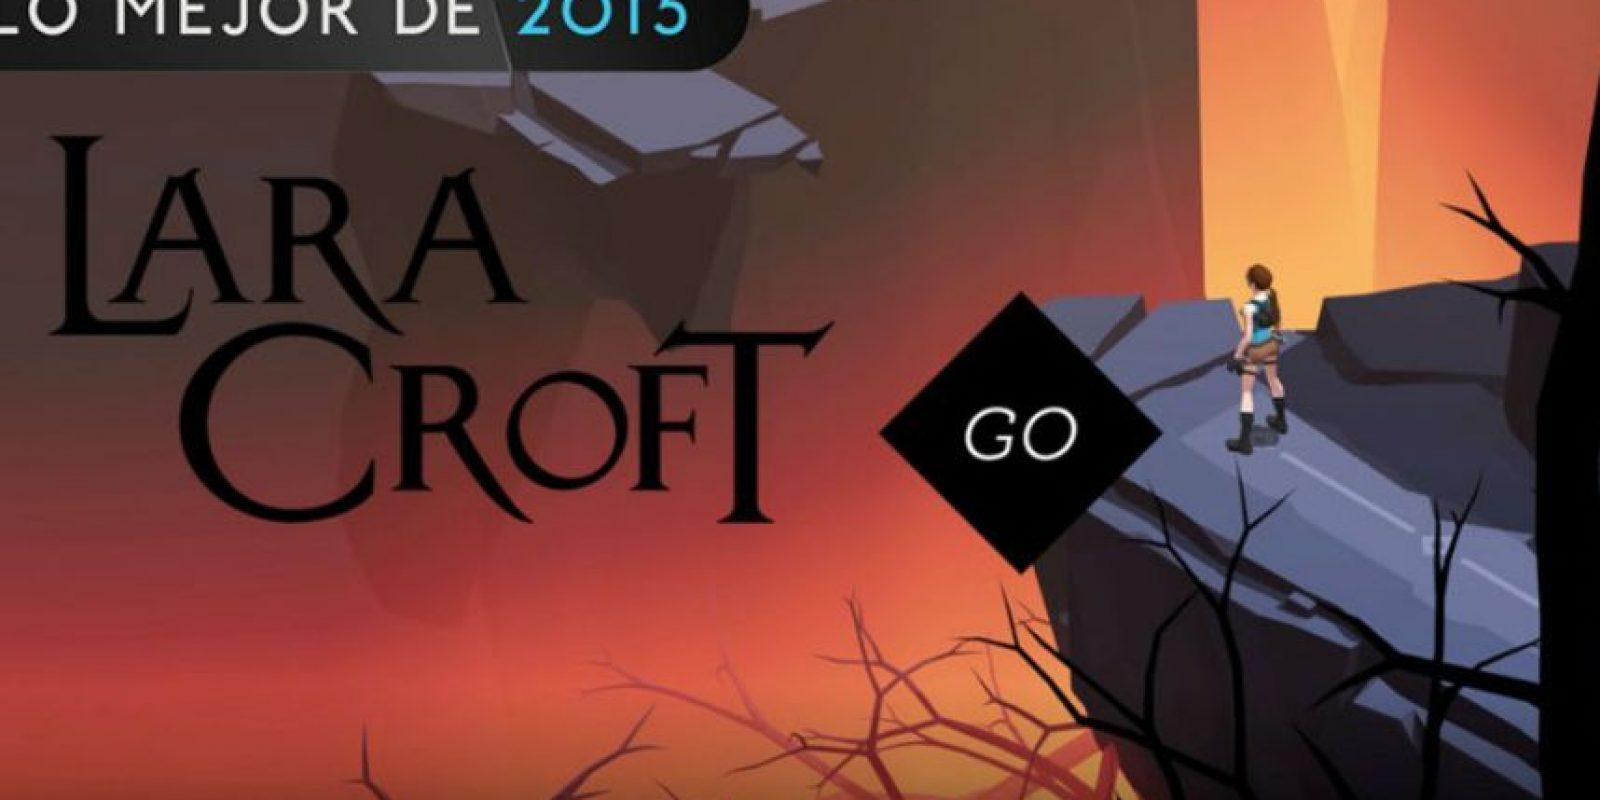 Estos son los mejores juegos del 2015. Foto:vía Apple